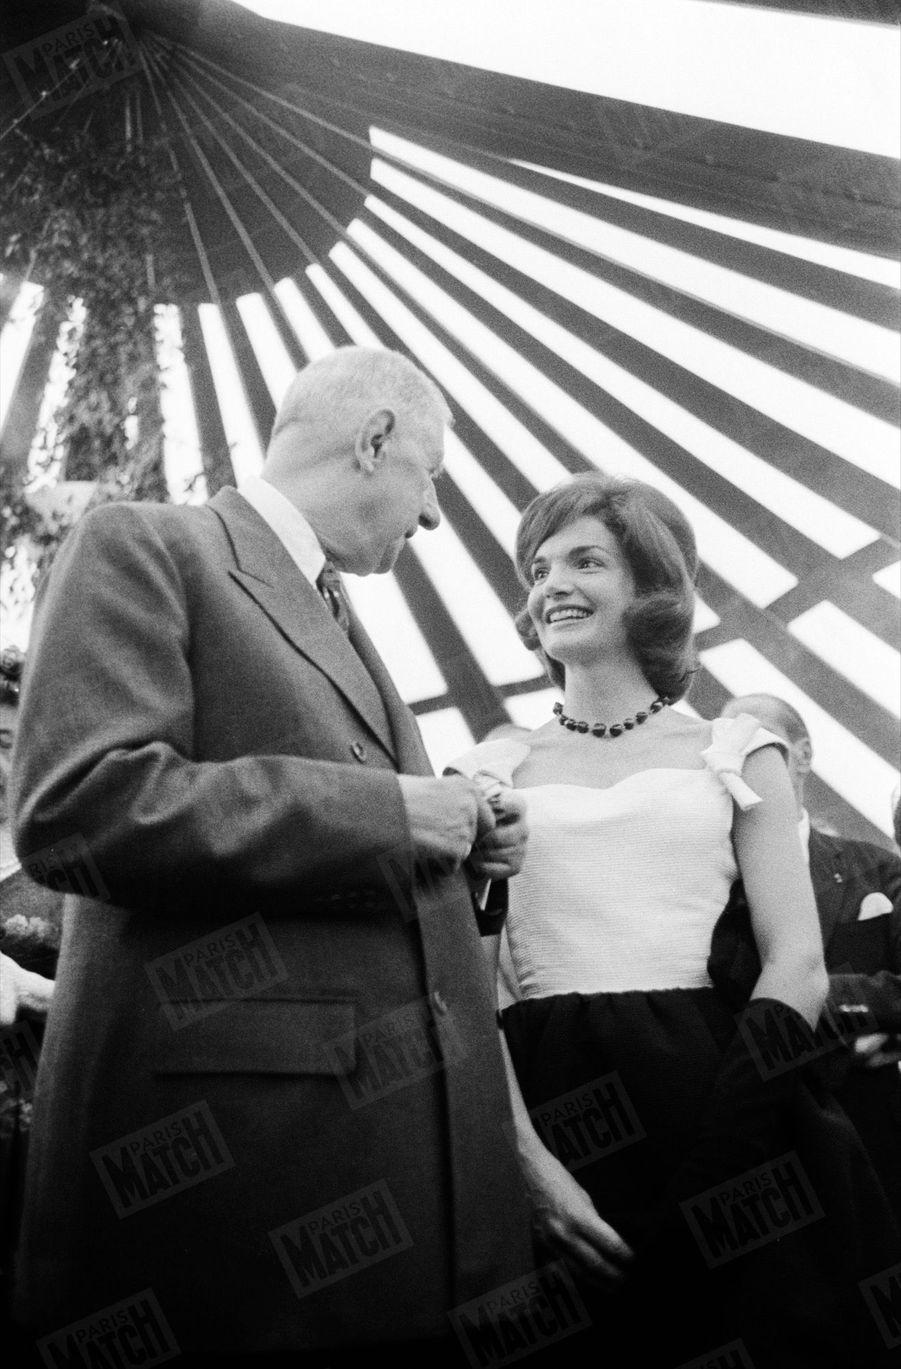 Le président Charles de Gaulle en voyage officiel aux Etats-Unis, et Jackie Kennedy. 28 avril 1960.